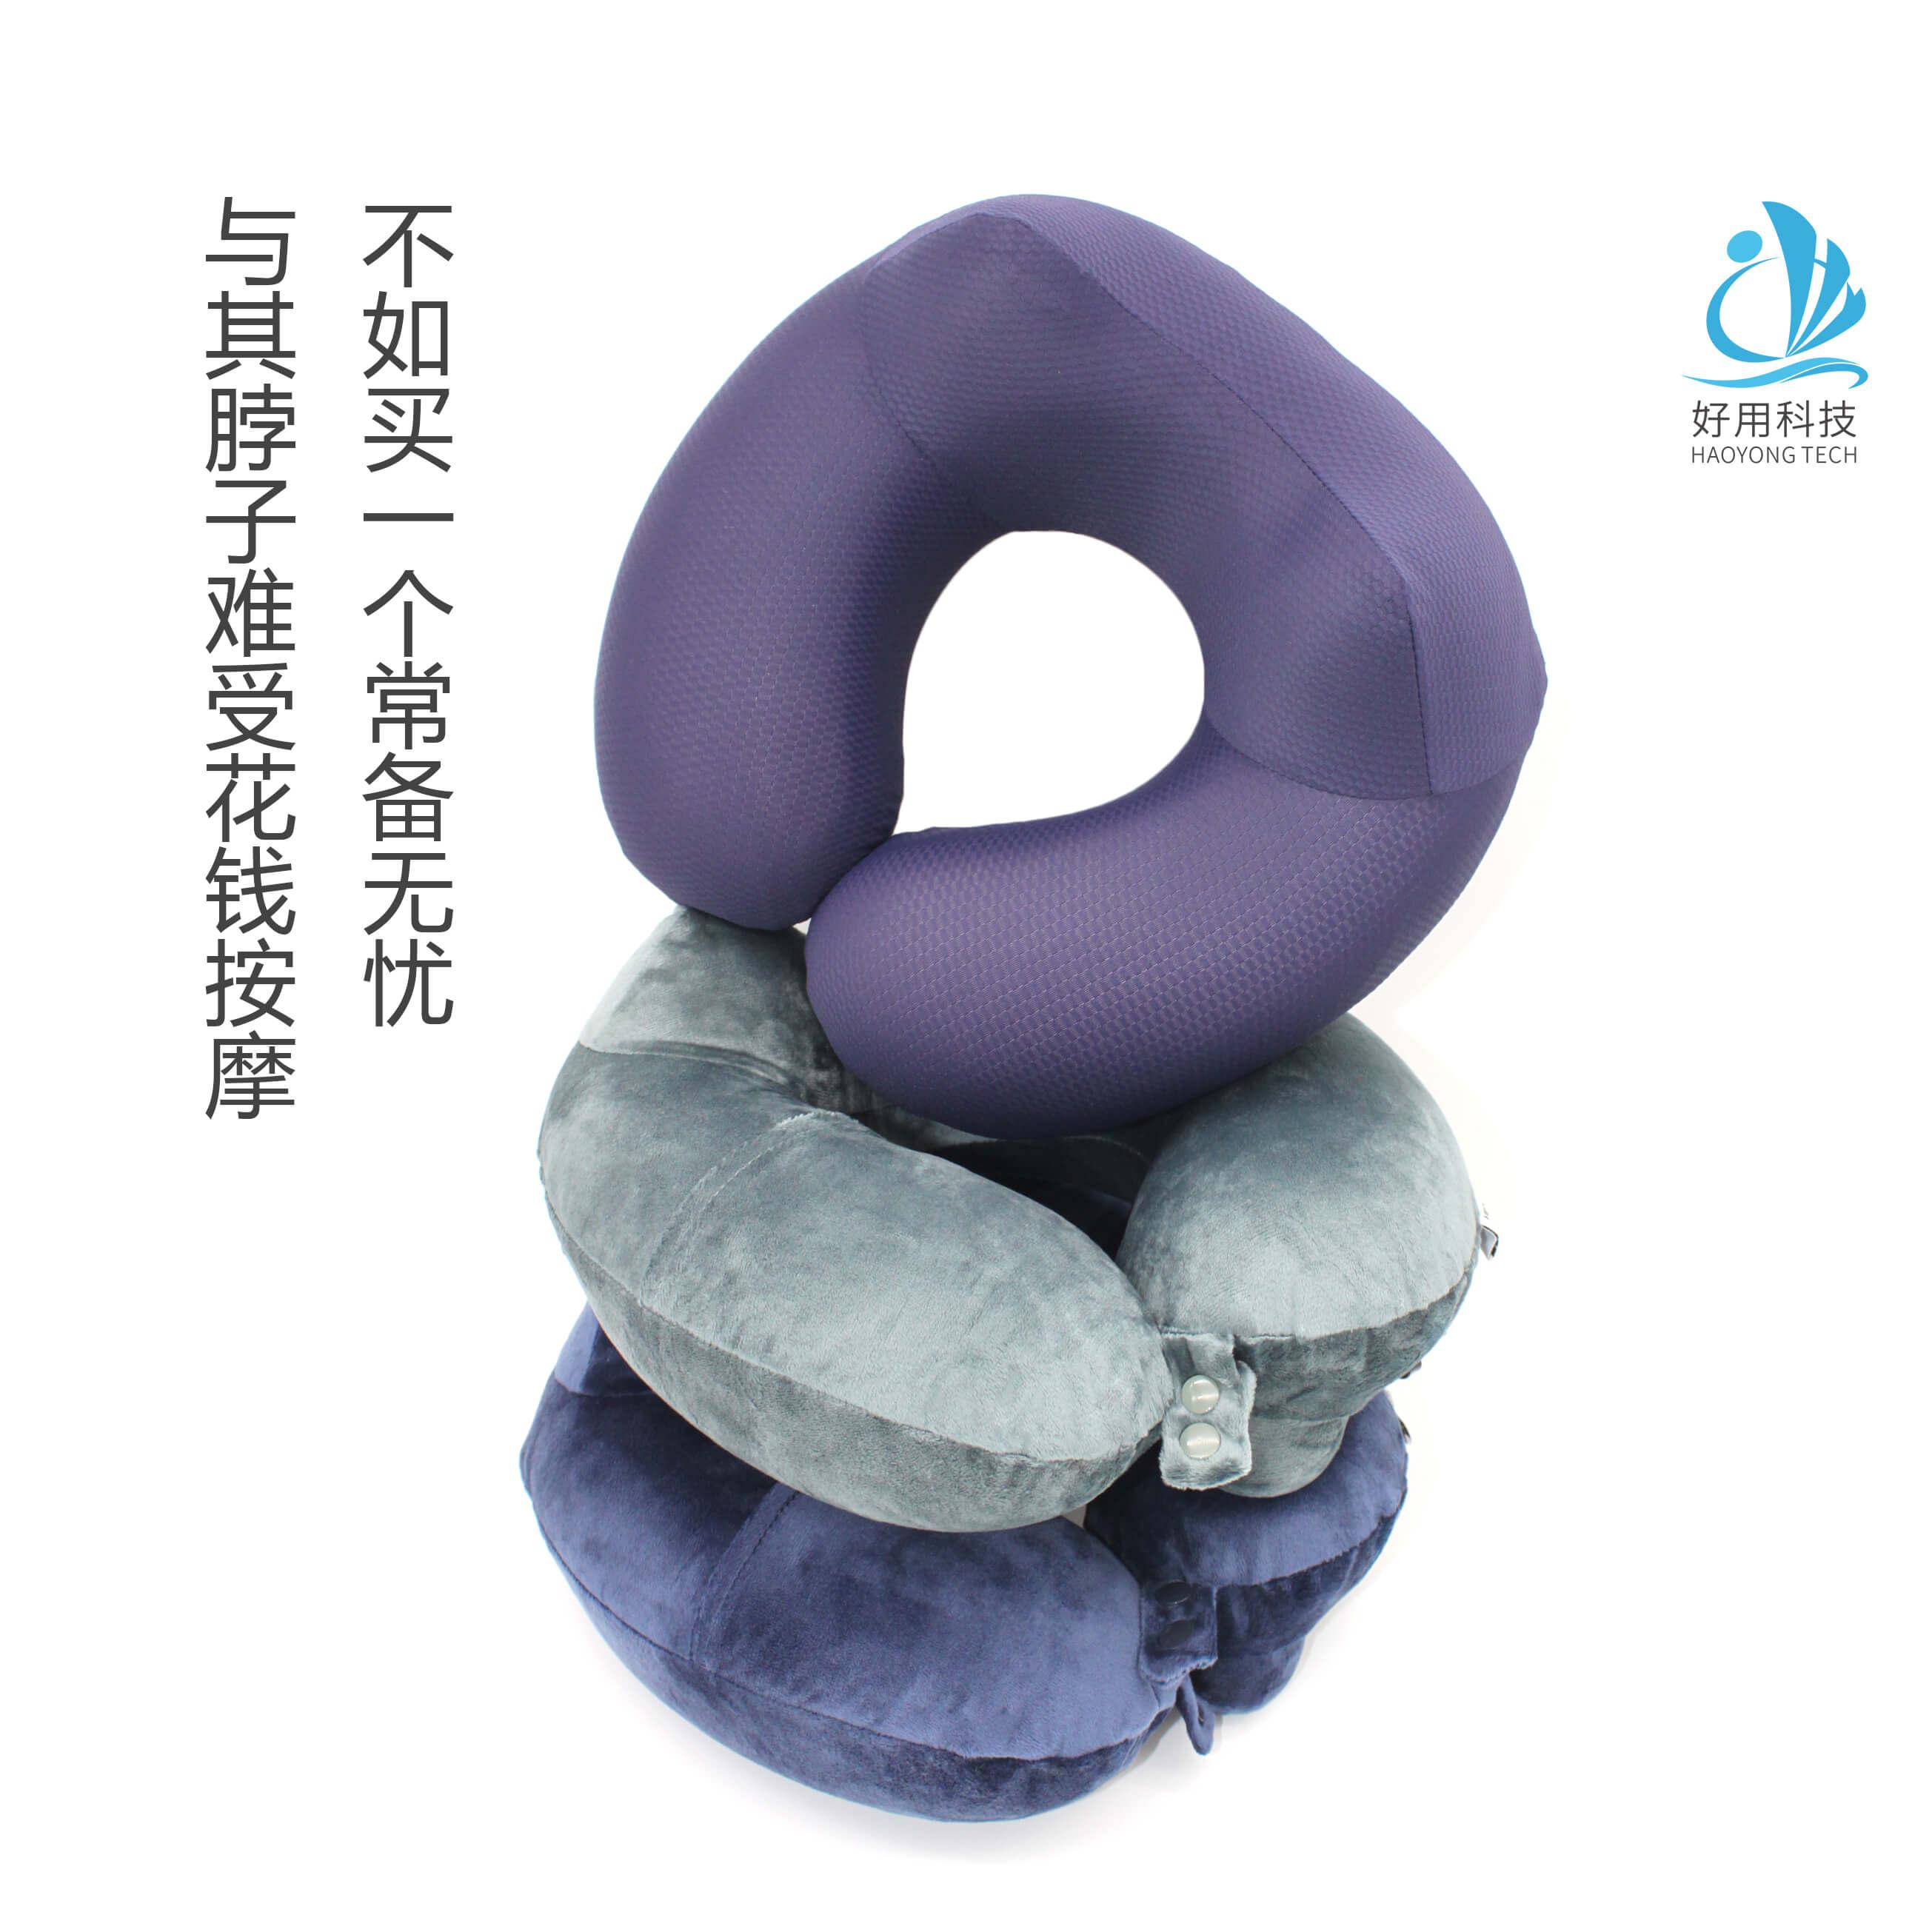 便携充气枕批发_充气床相关-广州好用科技有限公司